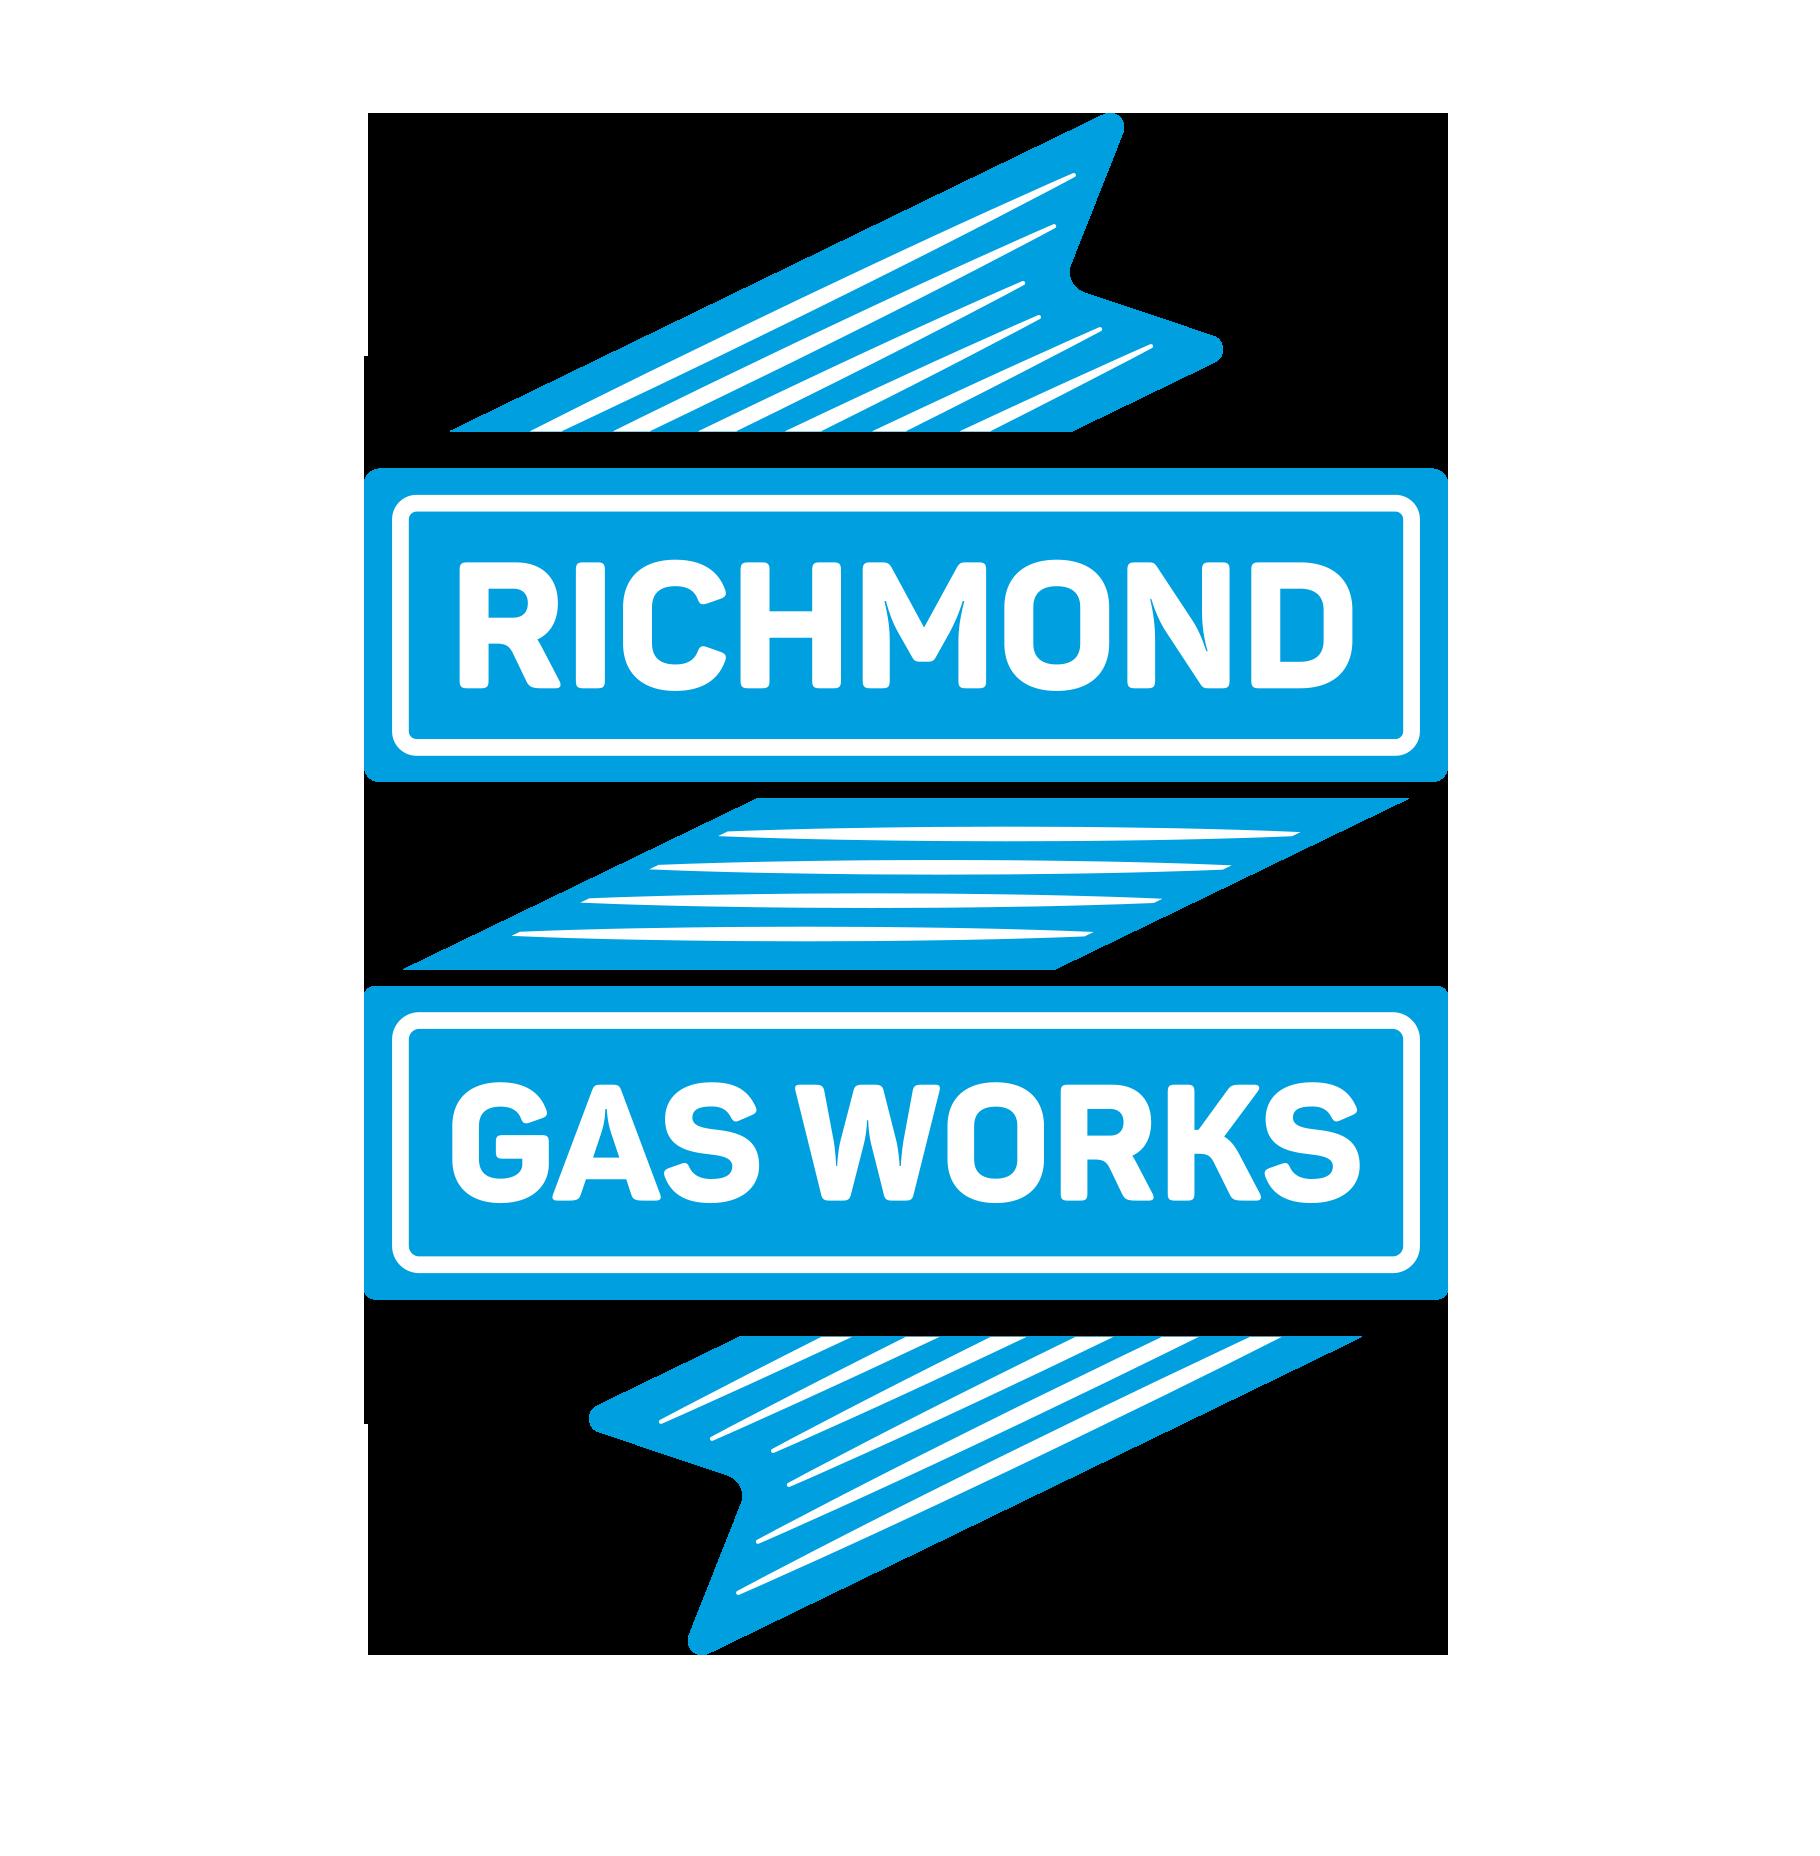 richmond gas works